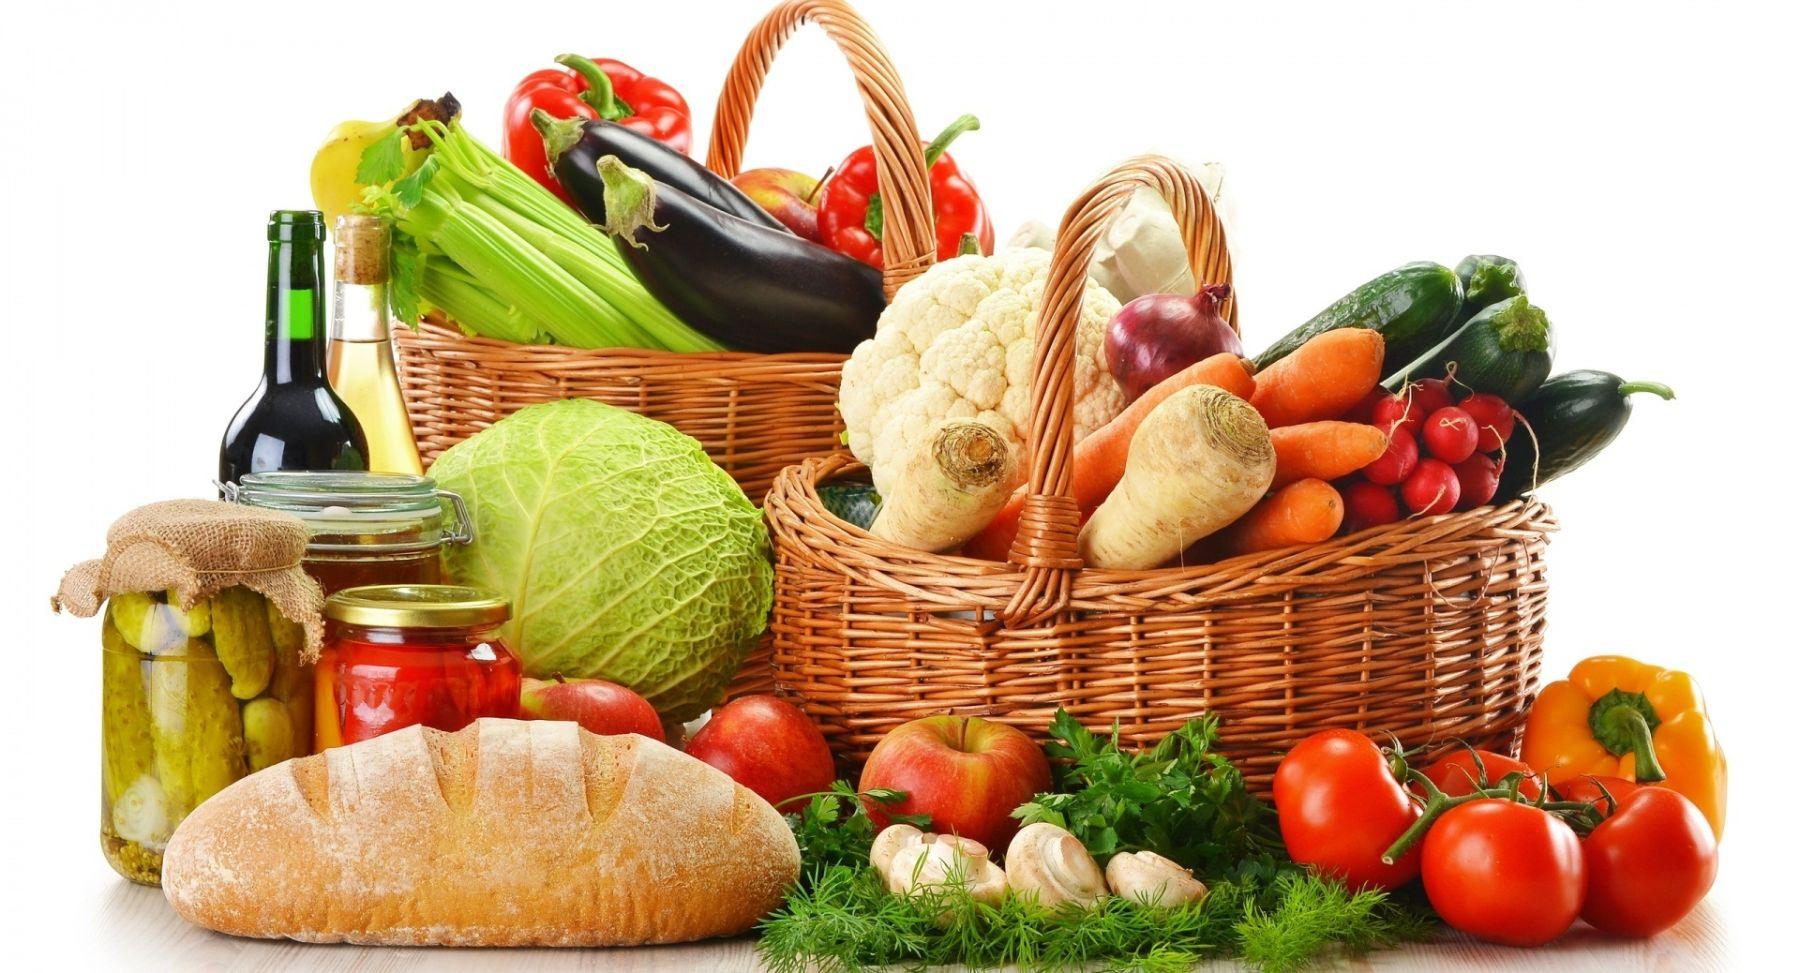 Sağlıklı Yaşamak İçin Neler Yapılmalı: Sağlıklı Yaşam Önerileri